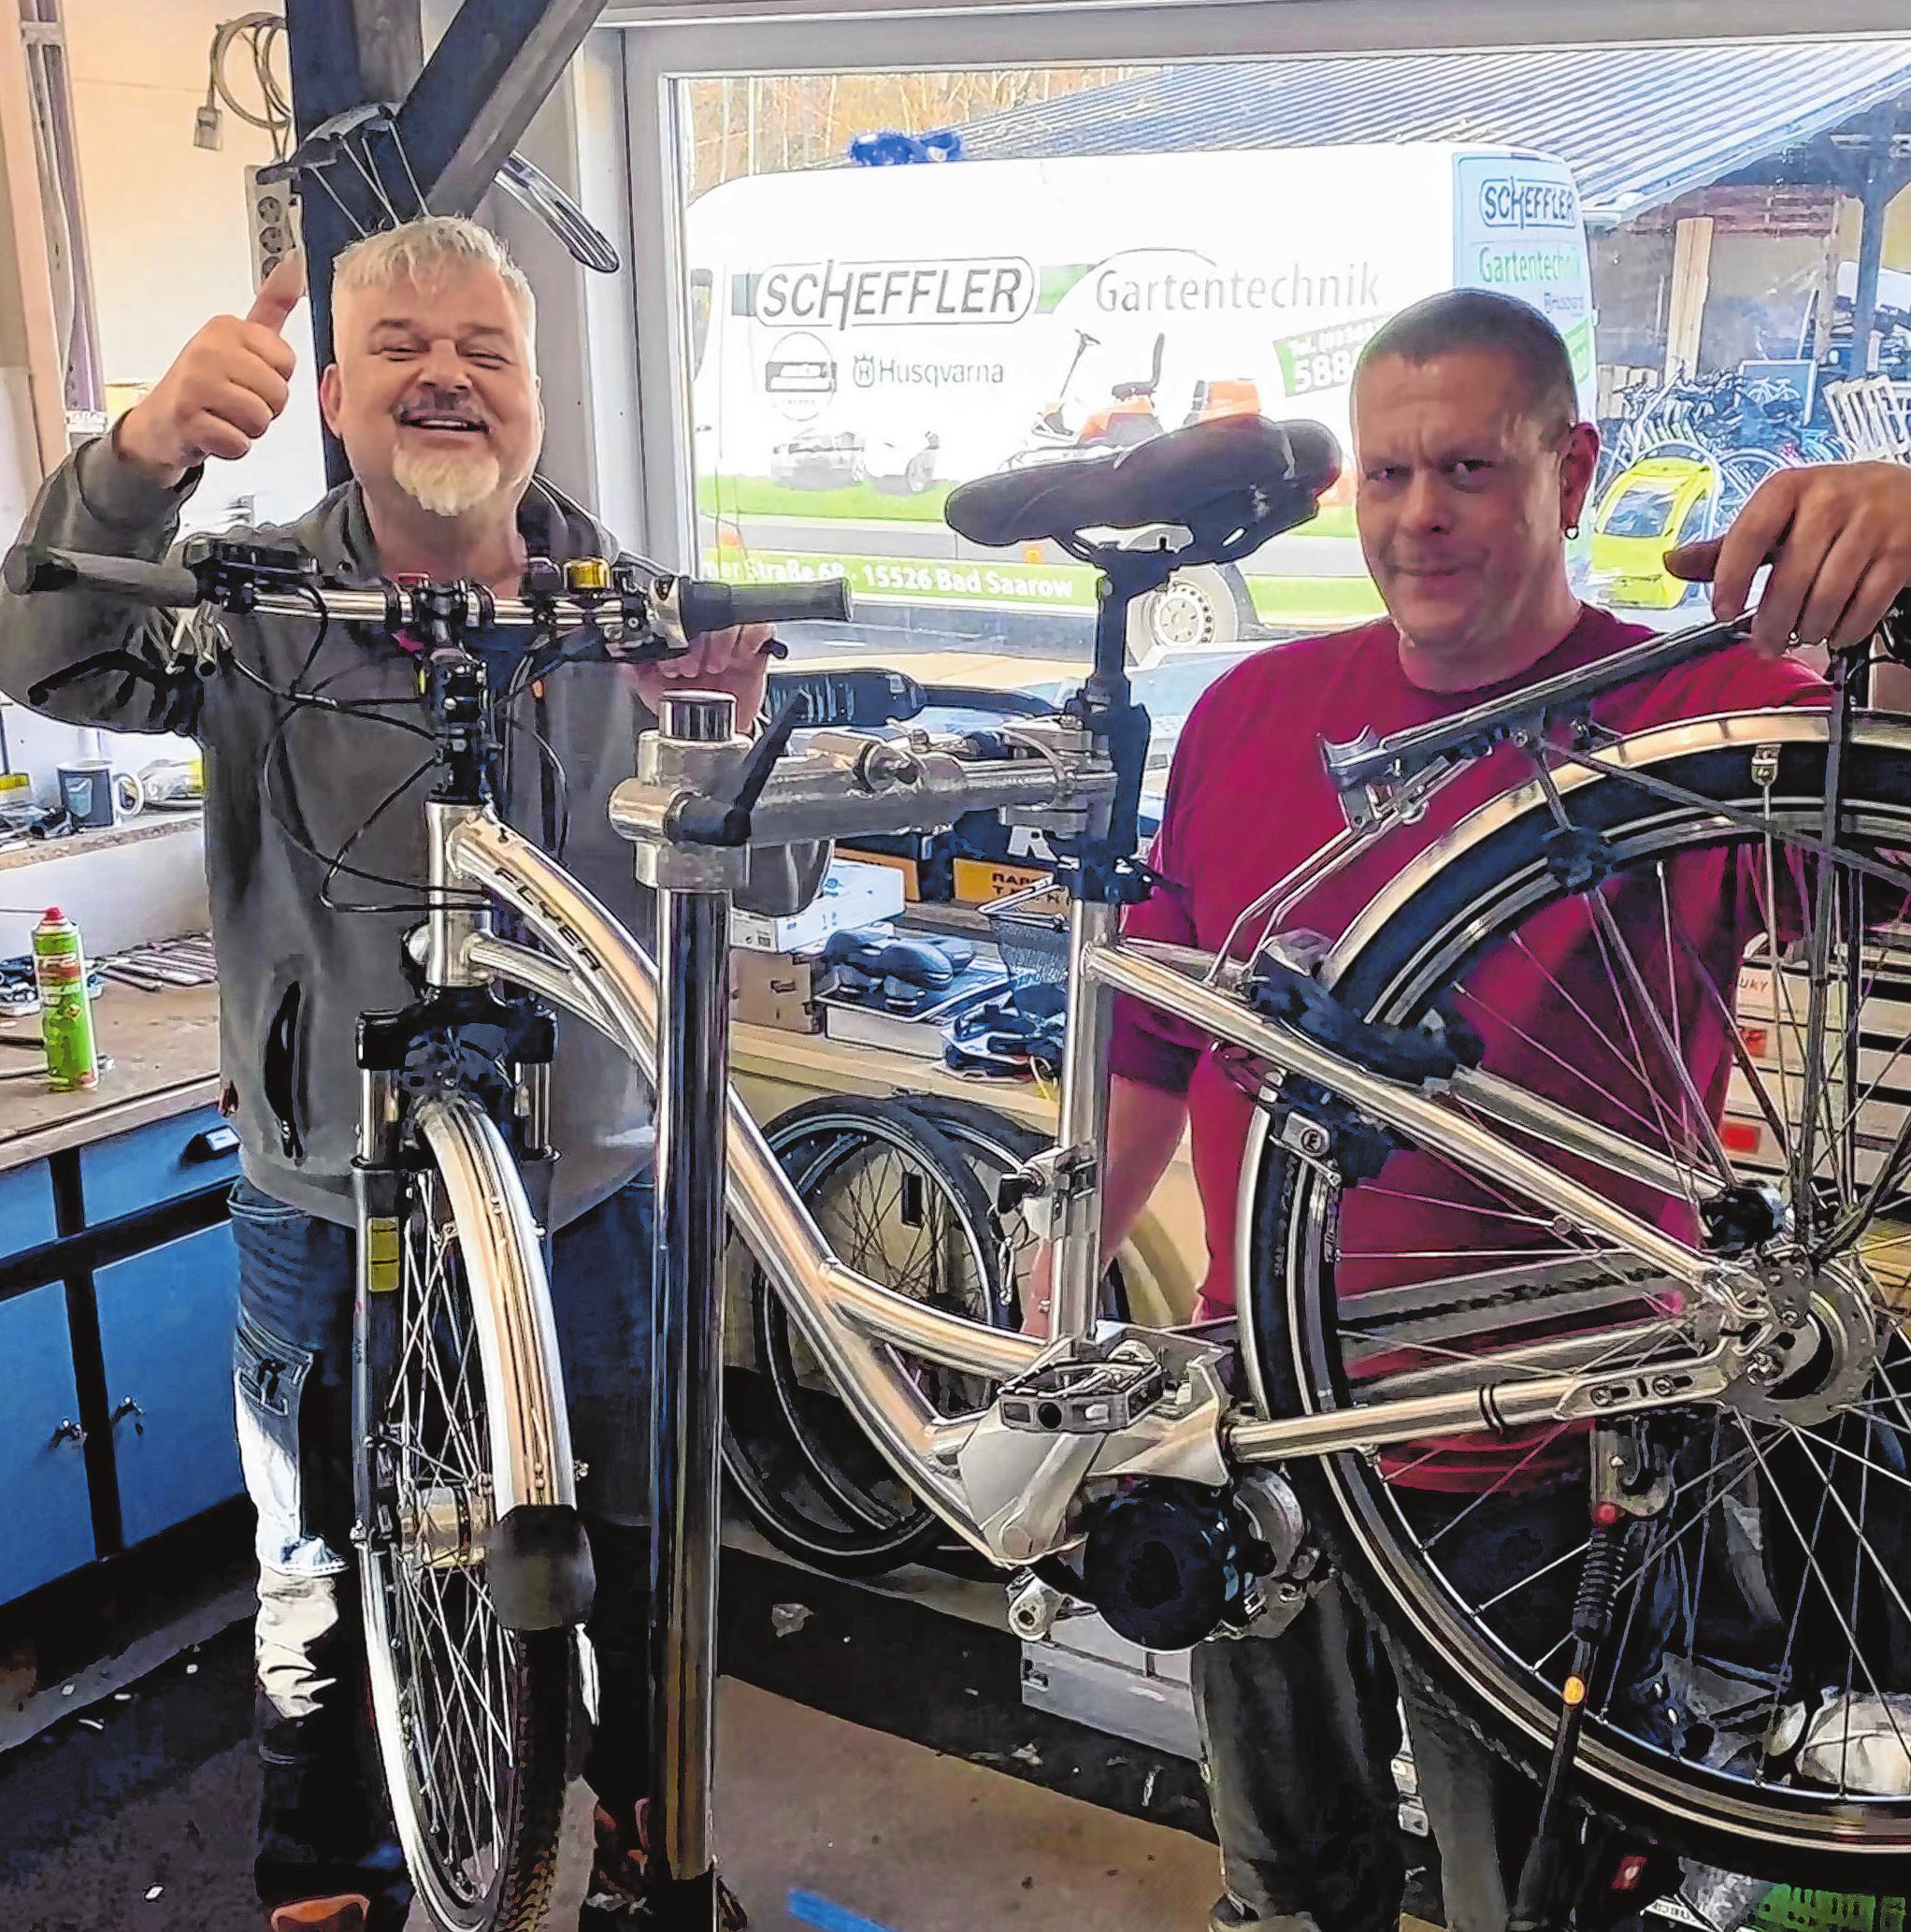 """In Bad Saarow gibt es eine große Auswahl an E-Bikes und anderen Fahrrädern im """"home of bikes"""" von Ernest Scheffler (links). Neben Verkauf und Vermietung wird zudem ein Werkstatt-Service angeboten. Auch Mitarbeiter Jens Hammer freut sich auf die Kunden."""